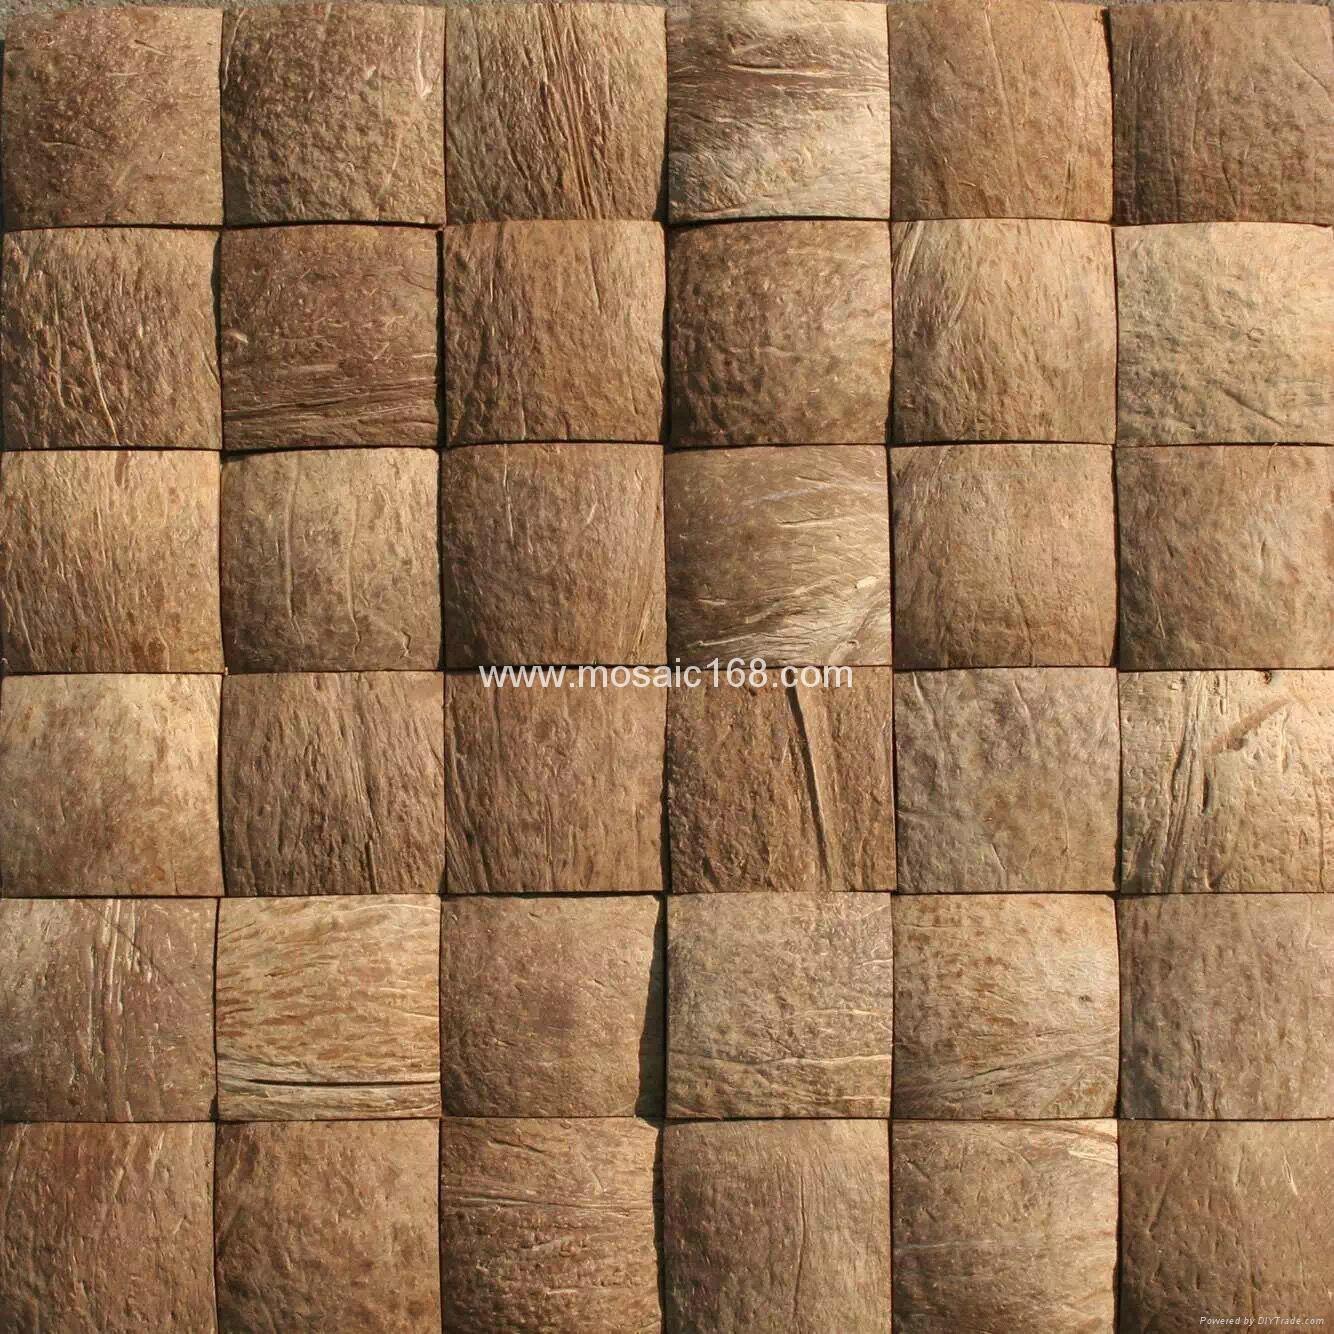 深棕色椰壳马赛克装饰板 2